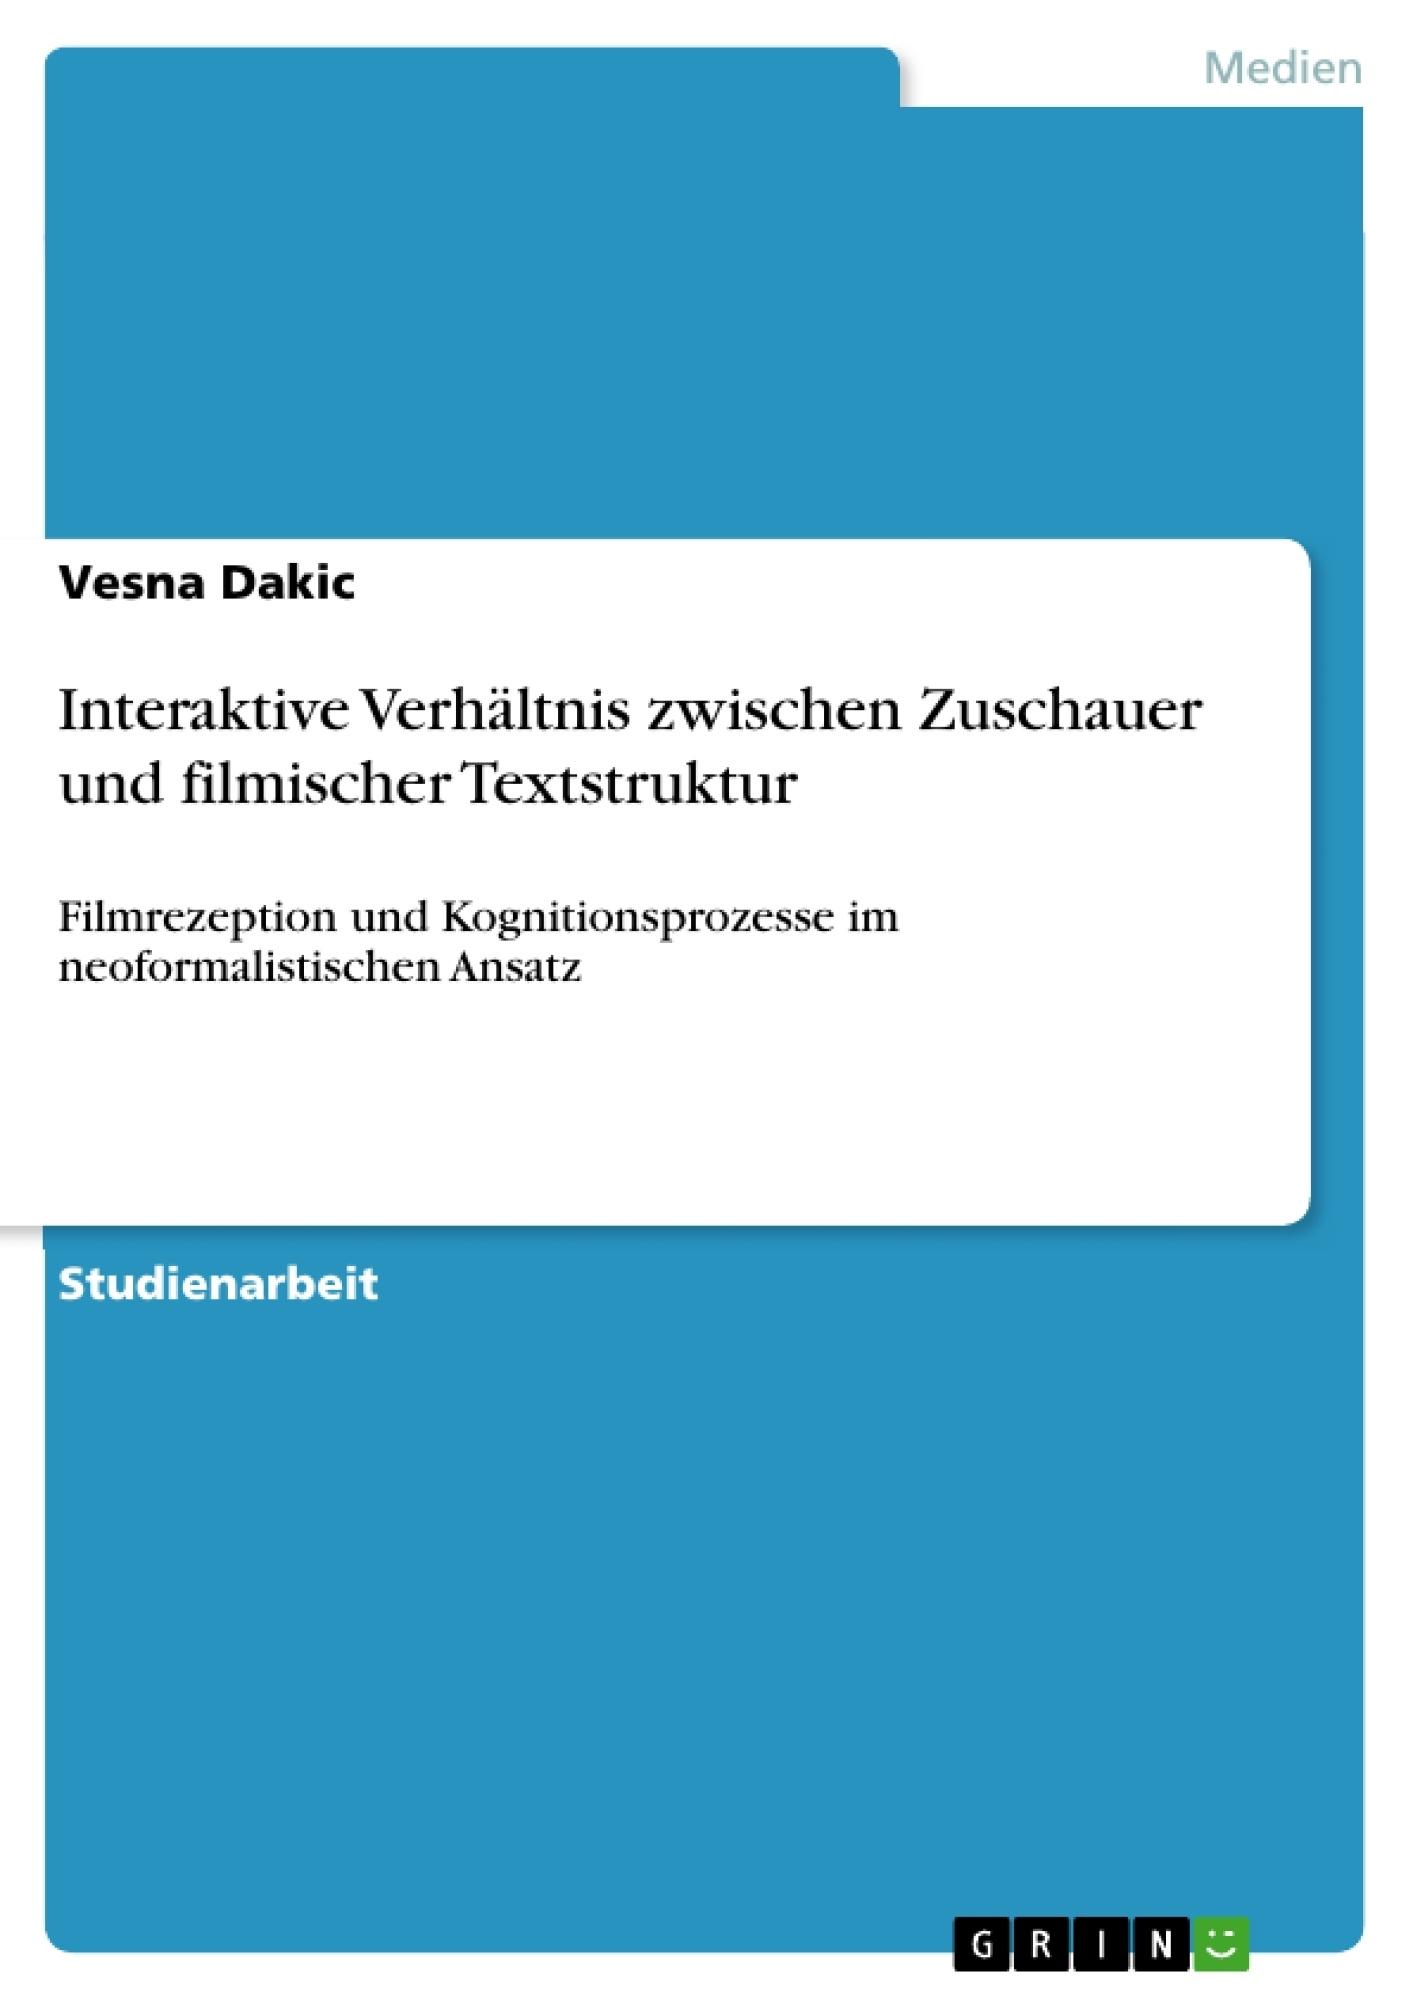 Titel: Interaktive Verhältnis zwischen Zuschauer und filmischer Textstruktur